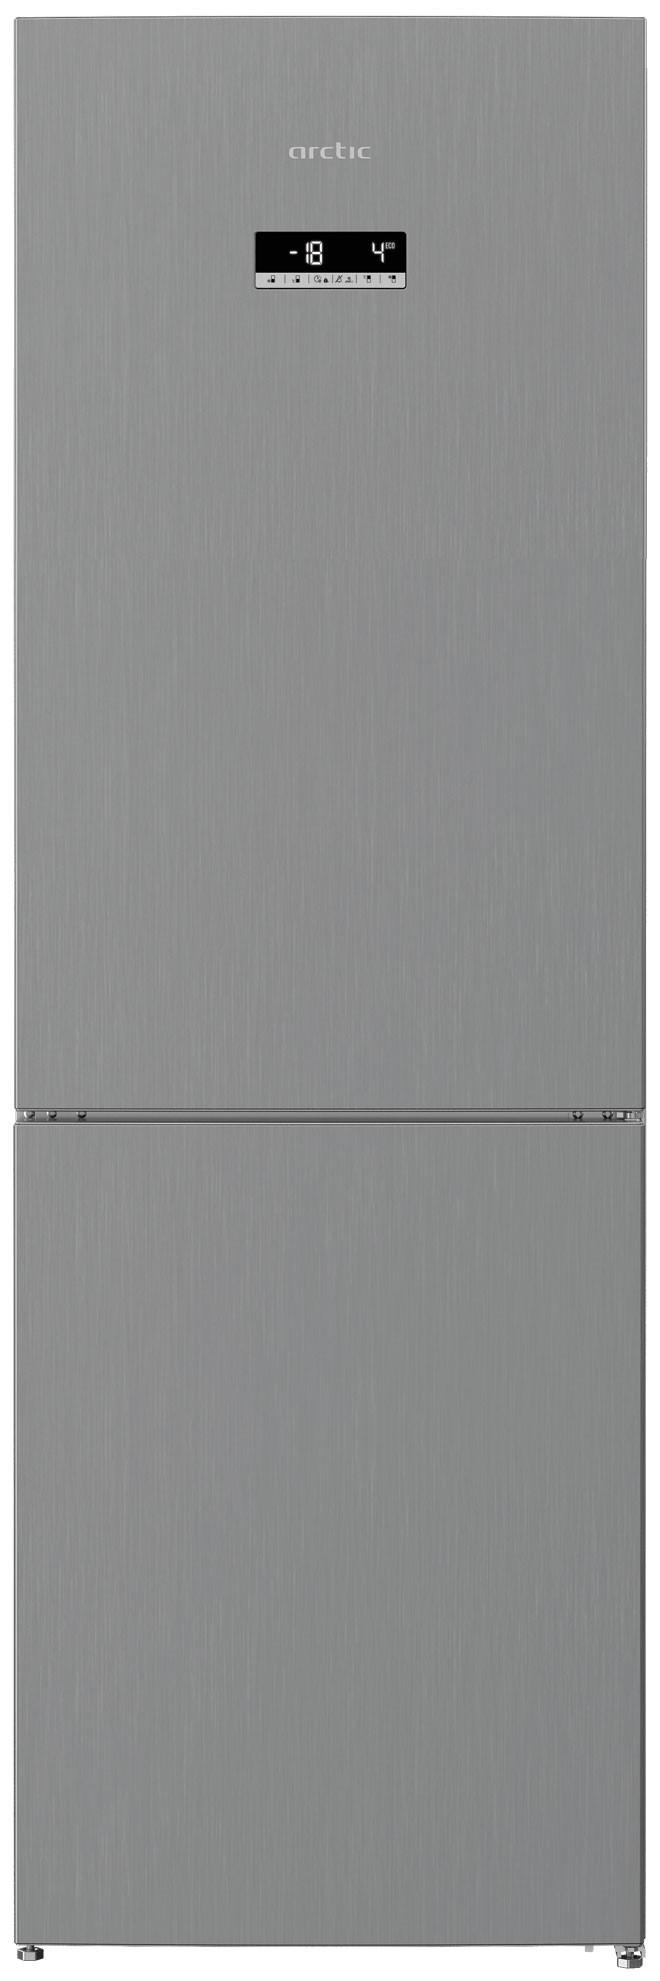 Combina frigorifica Arctic AK60366E40NFMT, 324 L, Full No Frost, Argintinu, E